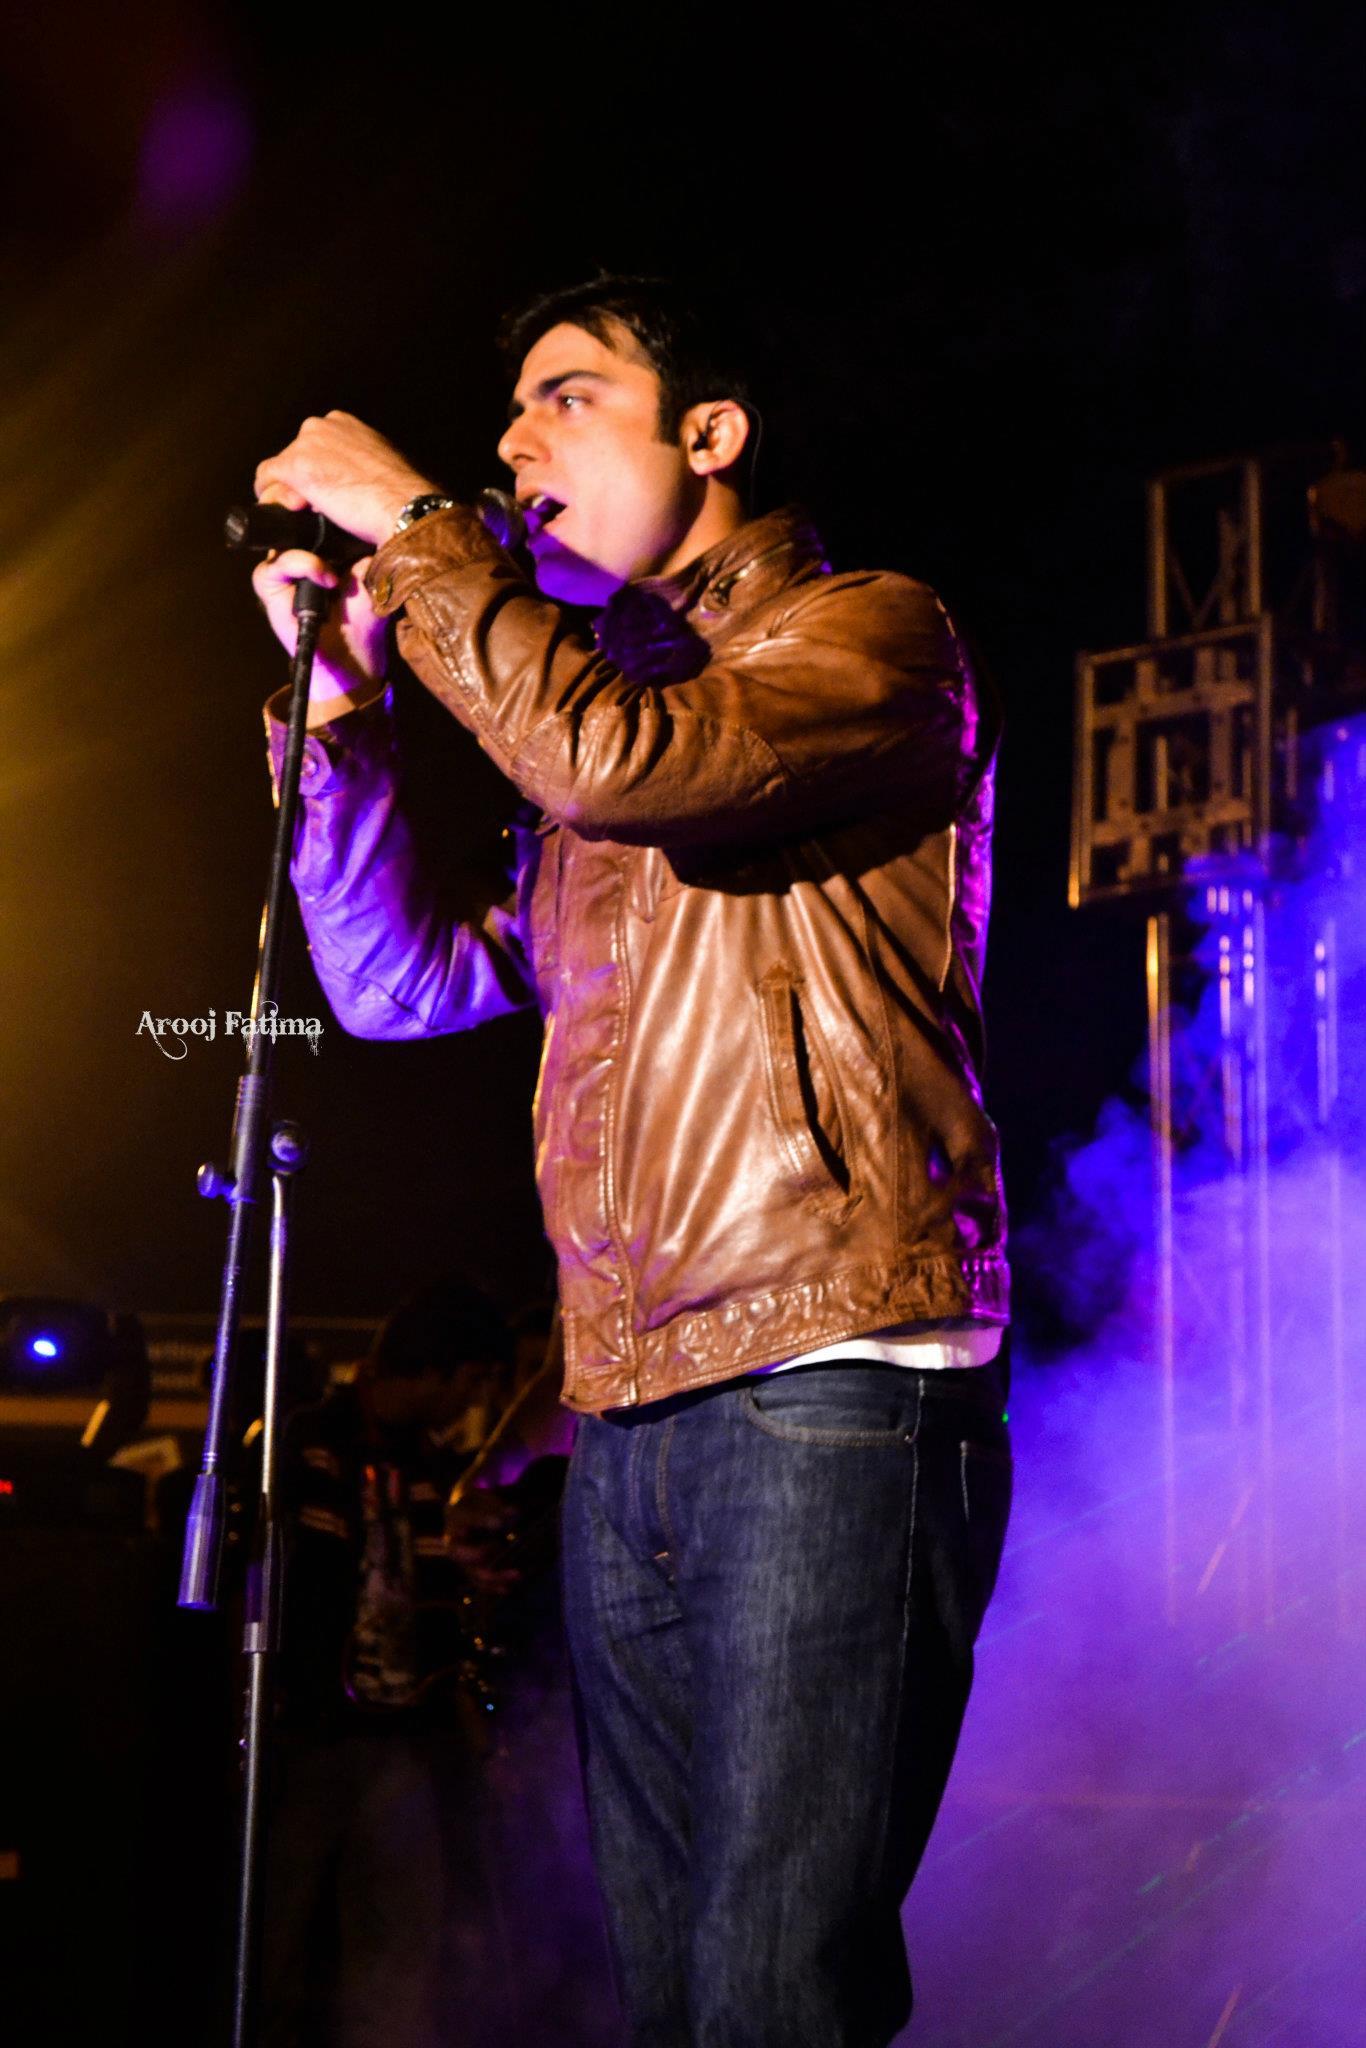 Entity-Paradigm-at-PC-Rawalpindi-25-Nov-2011-10